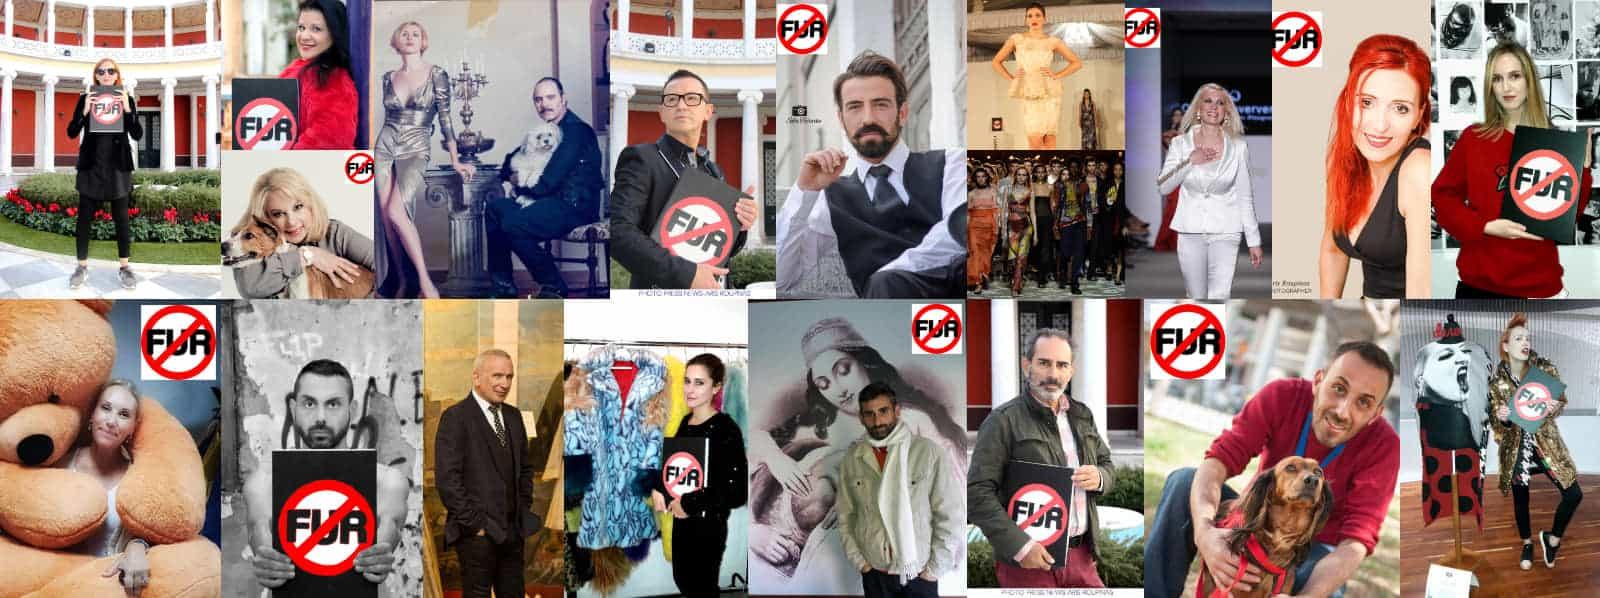 Η Ελληνική μόδα λέει ΟΧΙ στη γούνα / Greek fashion says NO to fur